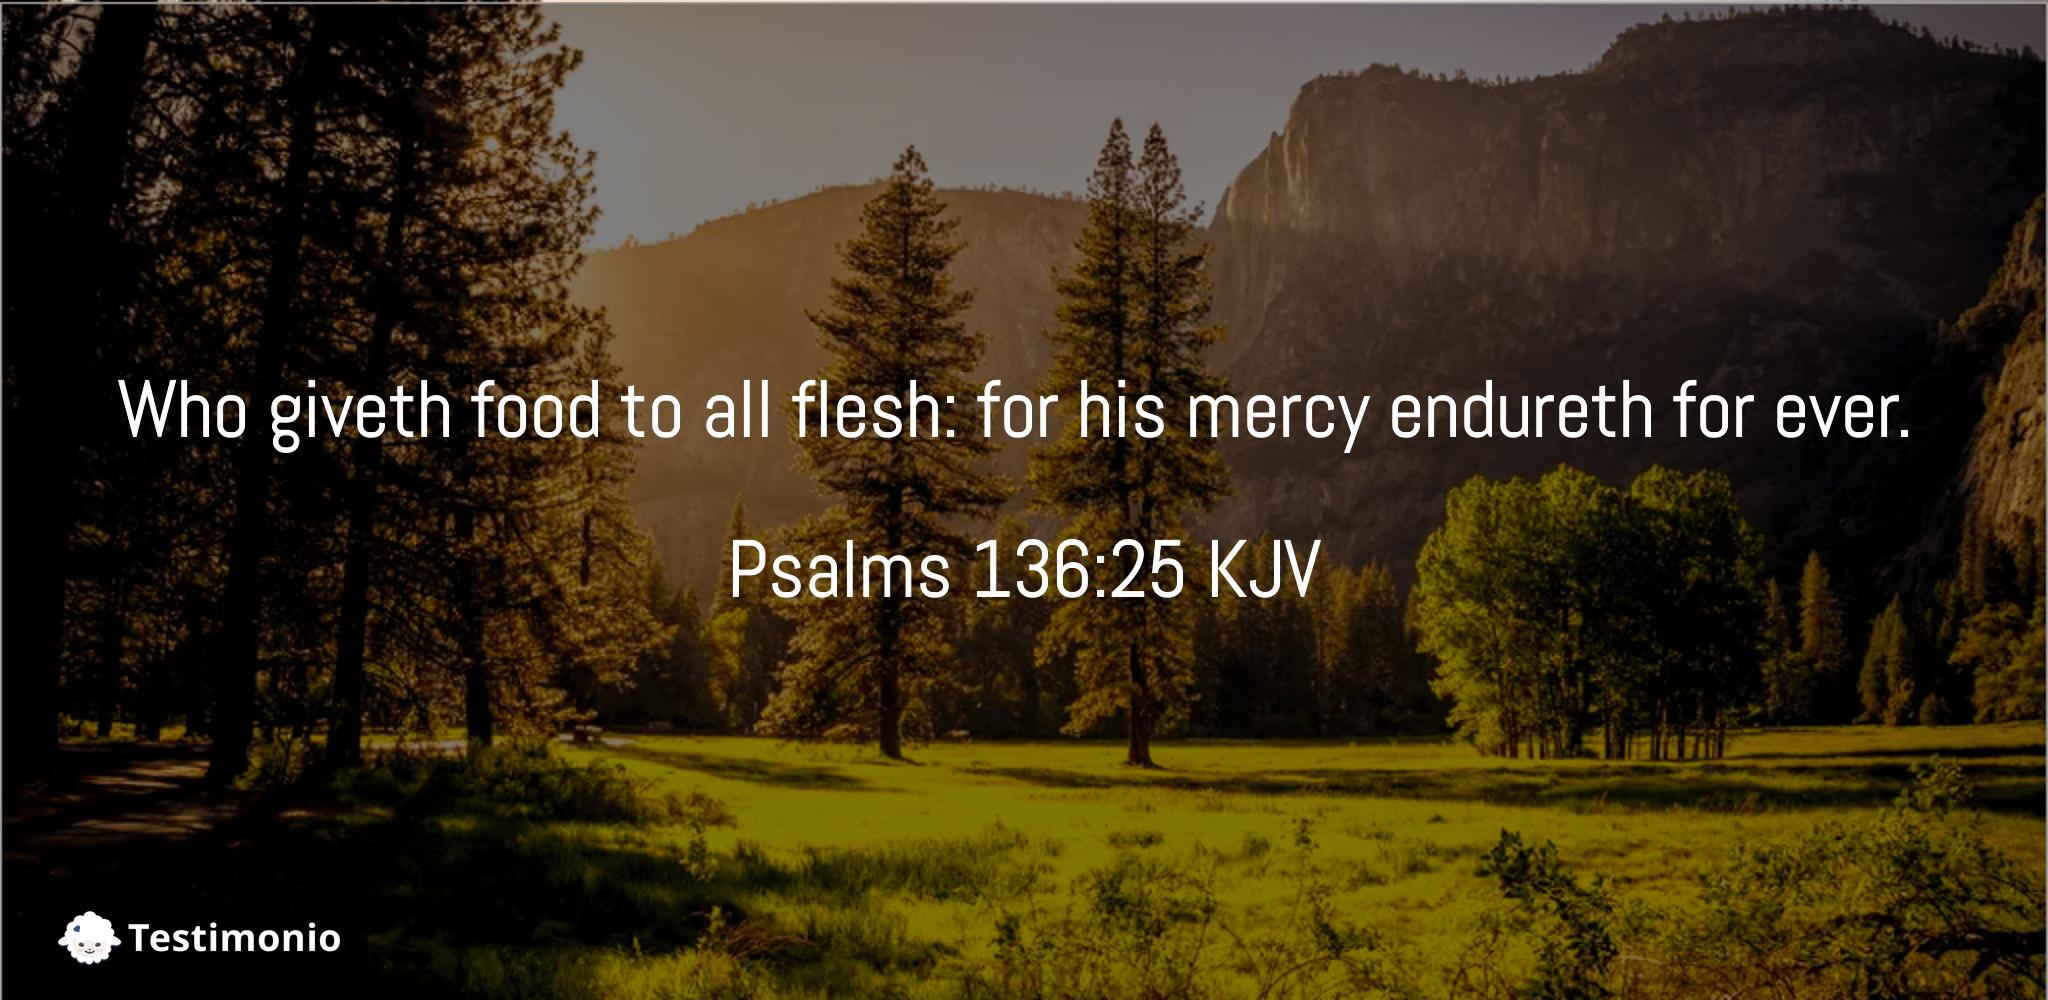 Psalms 136:25